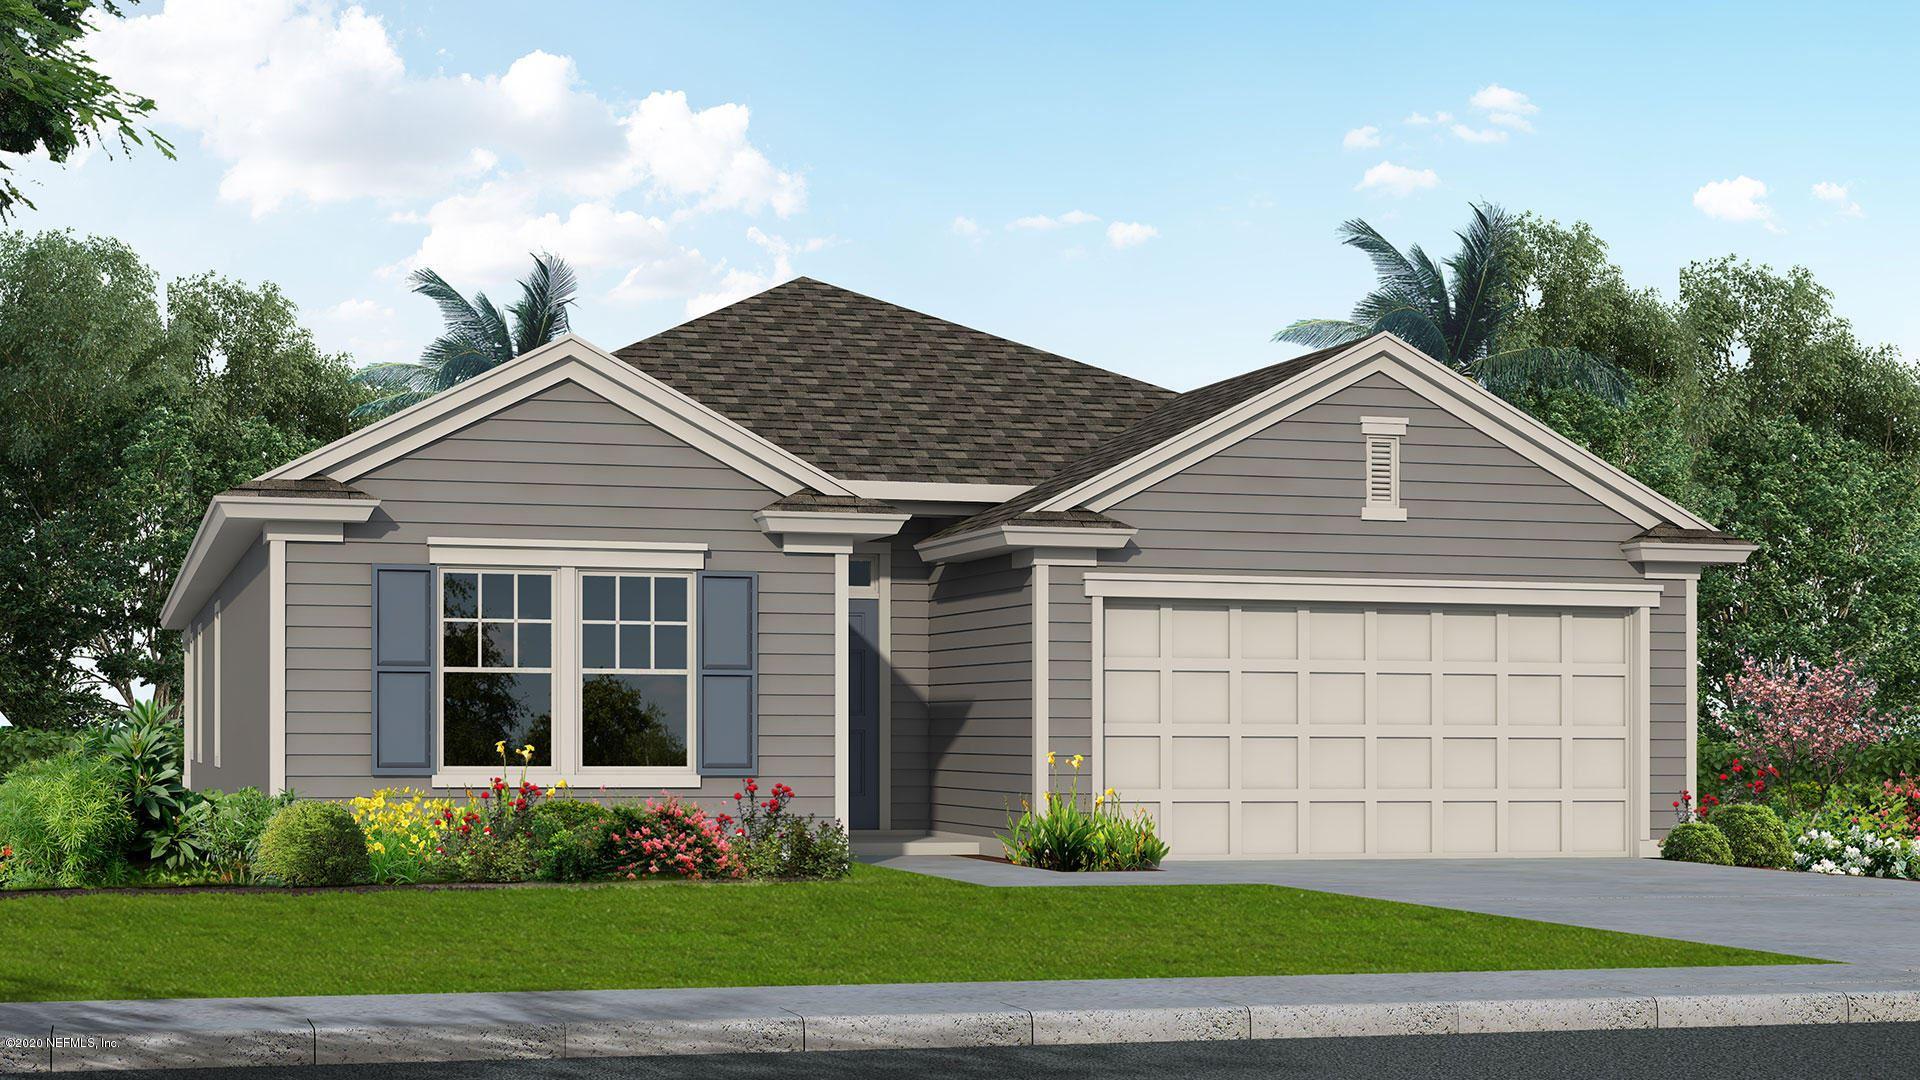 3184 LITTLE KERN LN #Lot No: 35, Jacksonville, FL 32226 - MLS#: 1058831